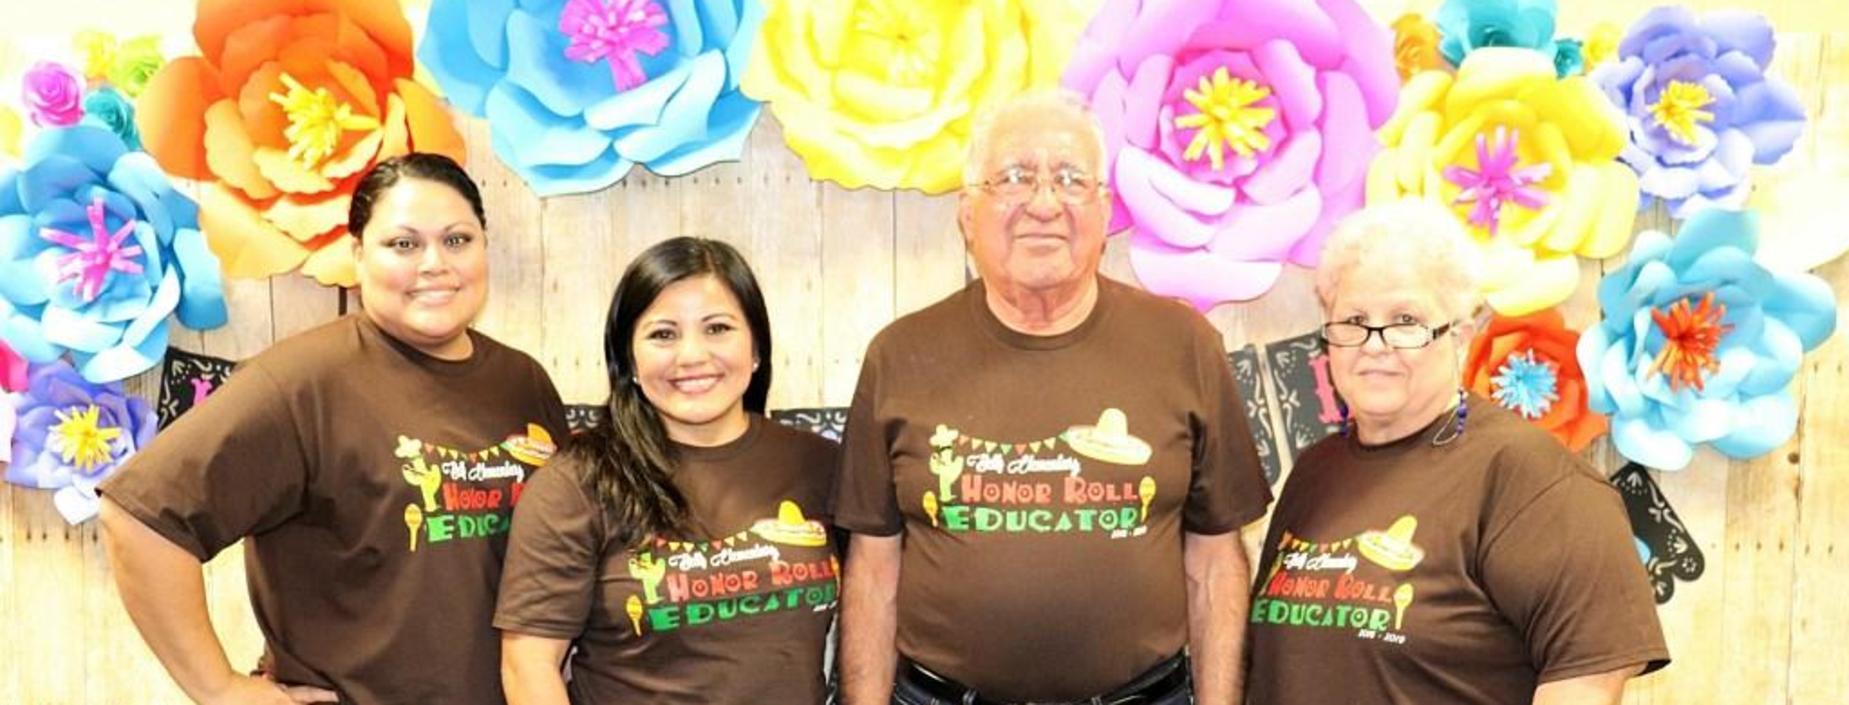 Image of first grade teachers